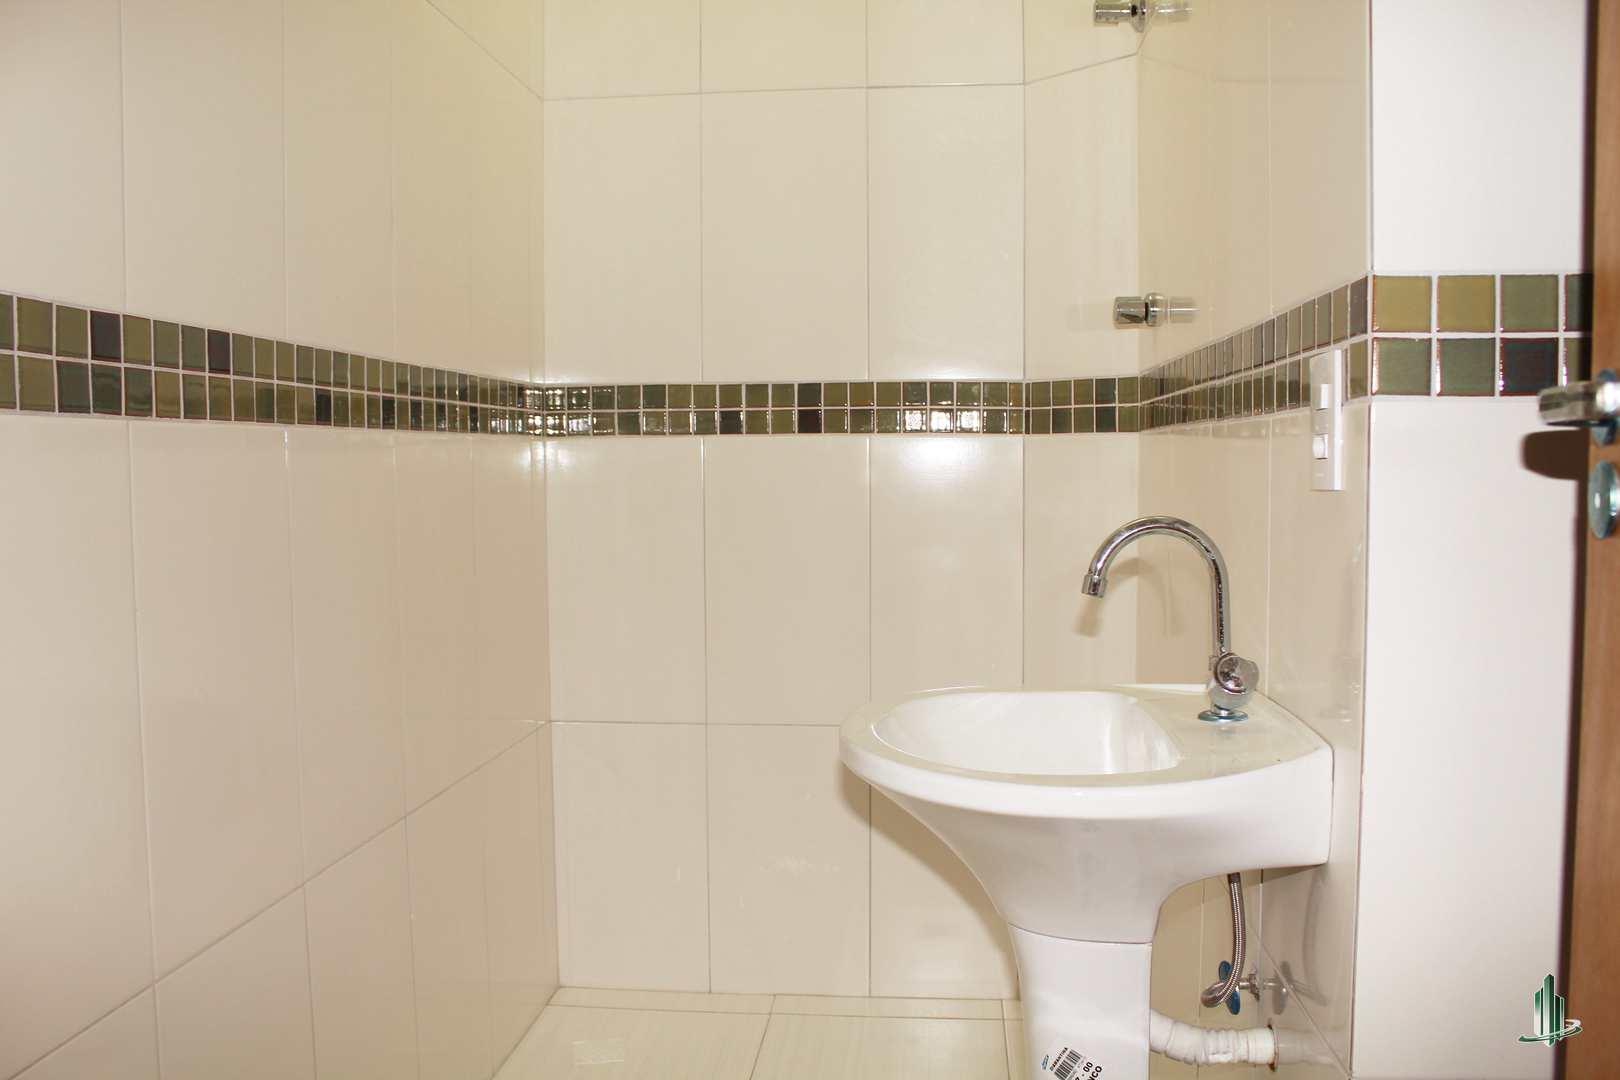 Sobrado de Condomínio com 2 dorms, Sítio do Campo, Praia Grande - R$ 220 mil, Cod: SO1218